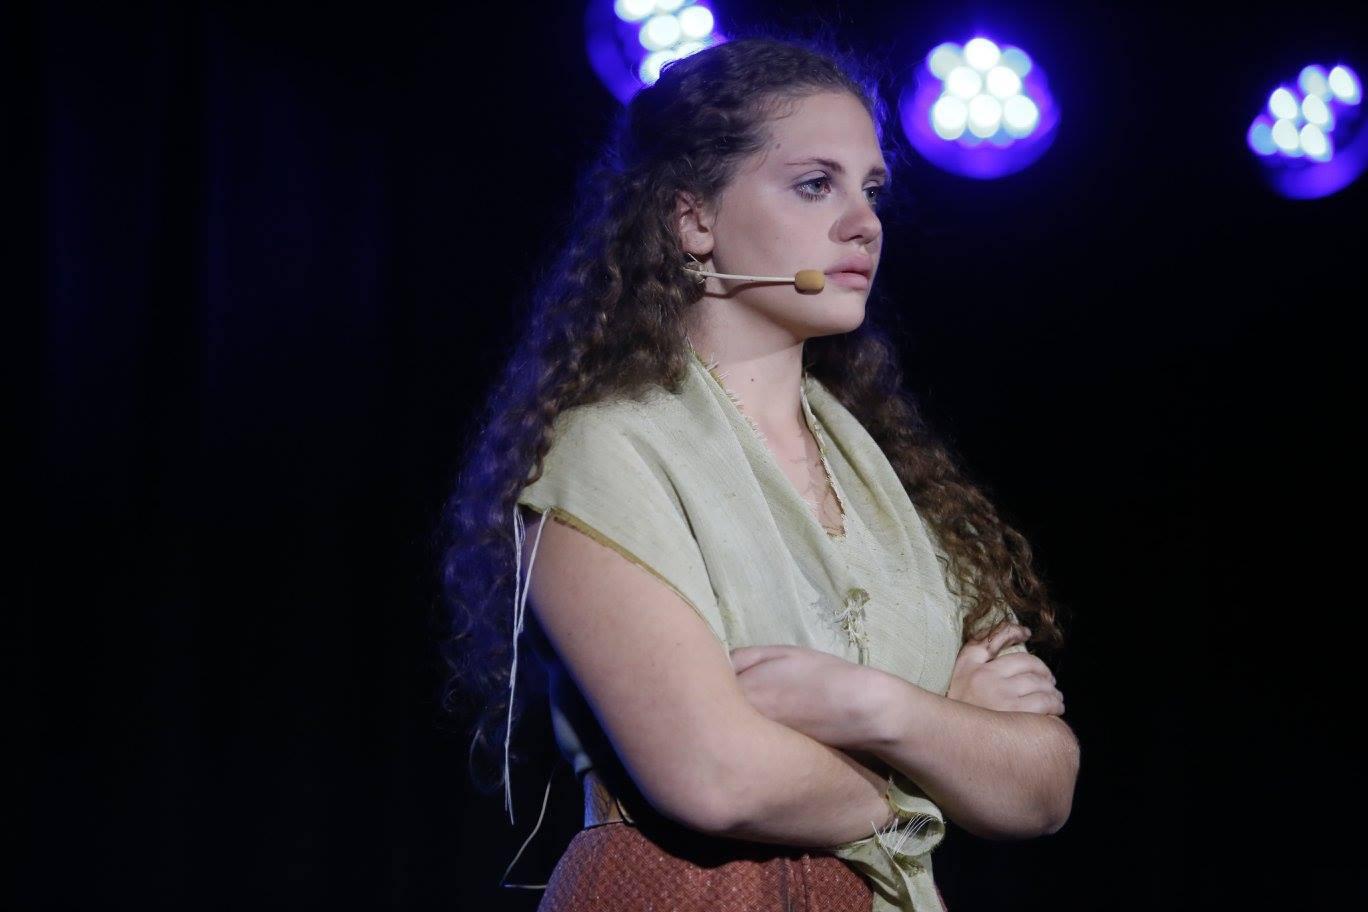 L'abruzzese Maria Francesca Curti vince il Tour Music Fest – The European Music Contest